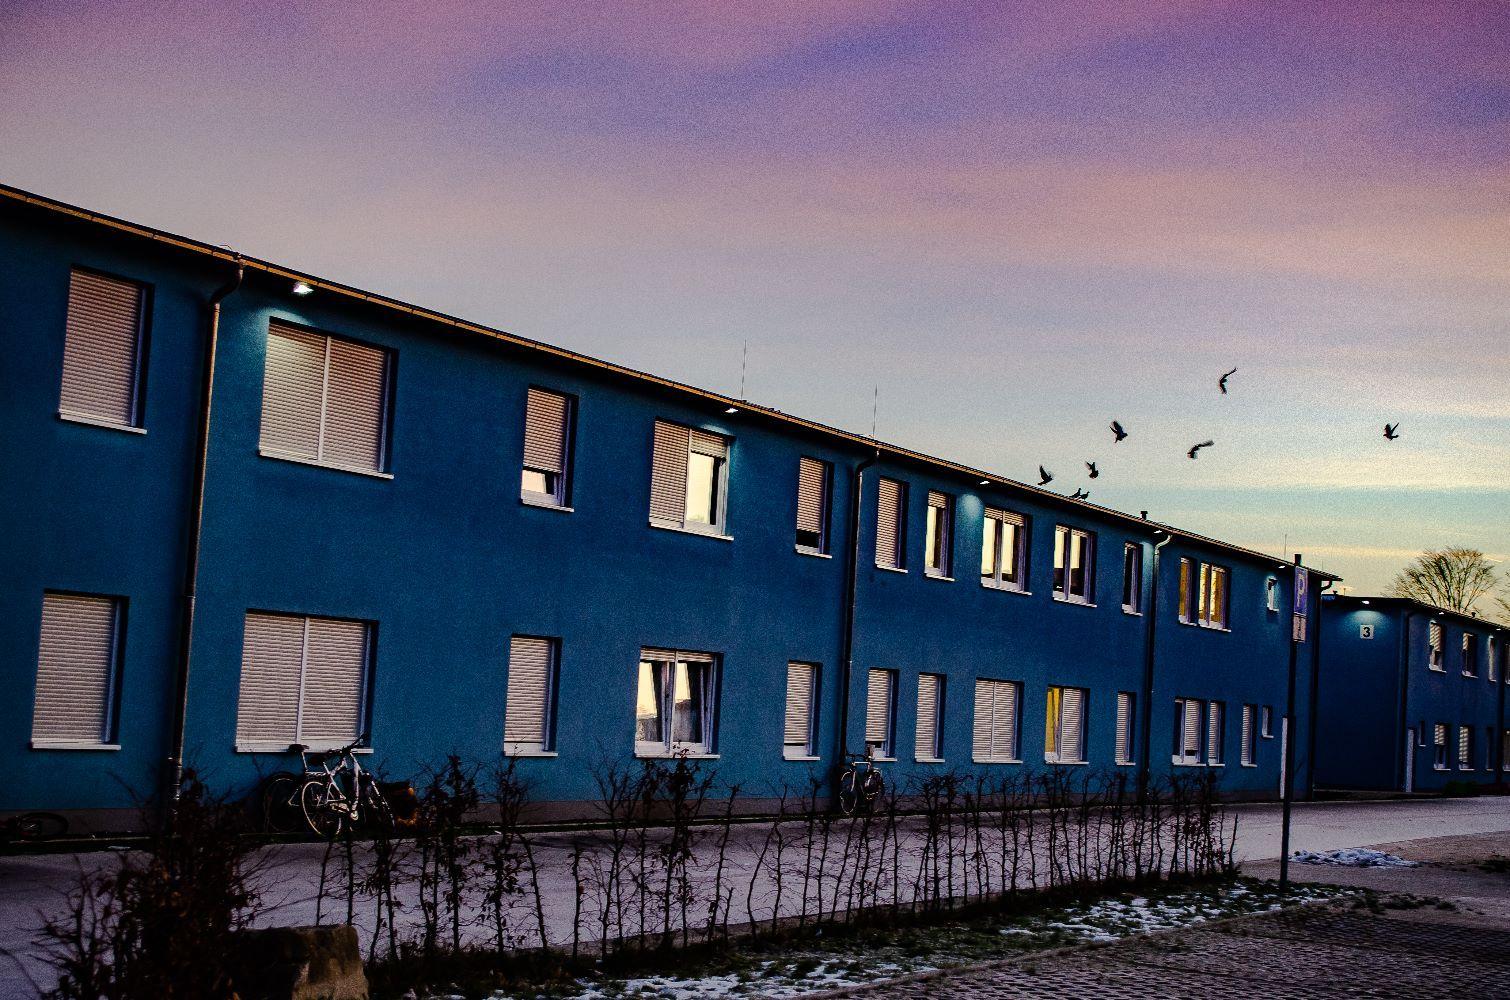 Flüchtlingsunterkünfte In Essen